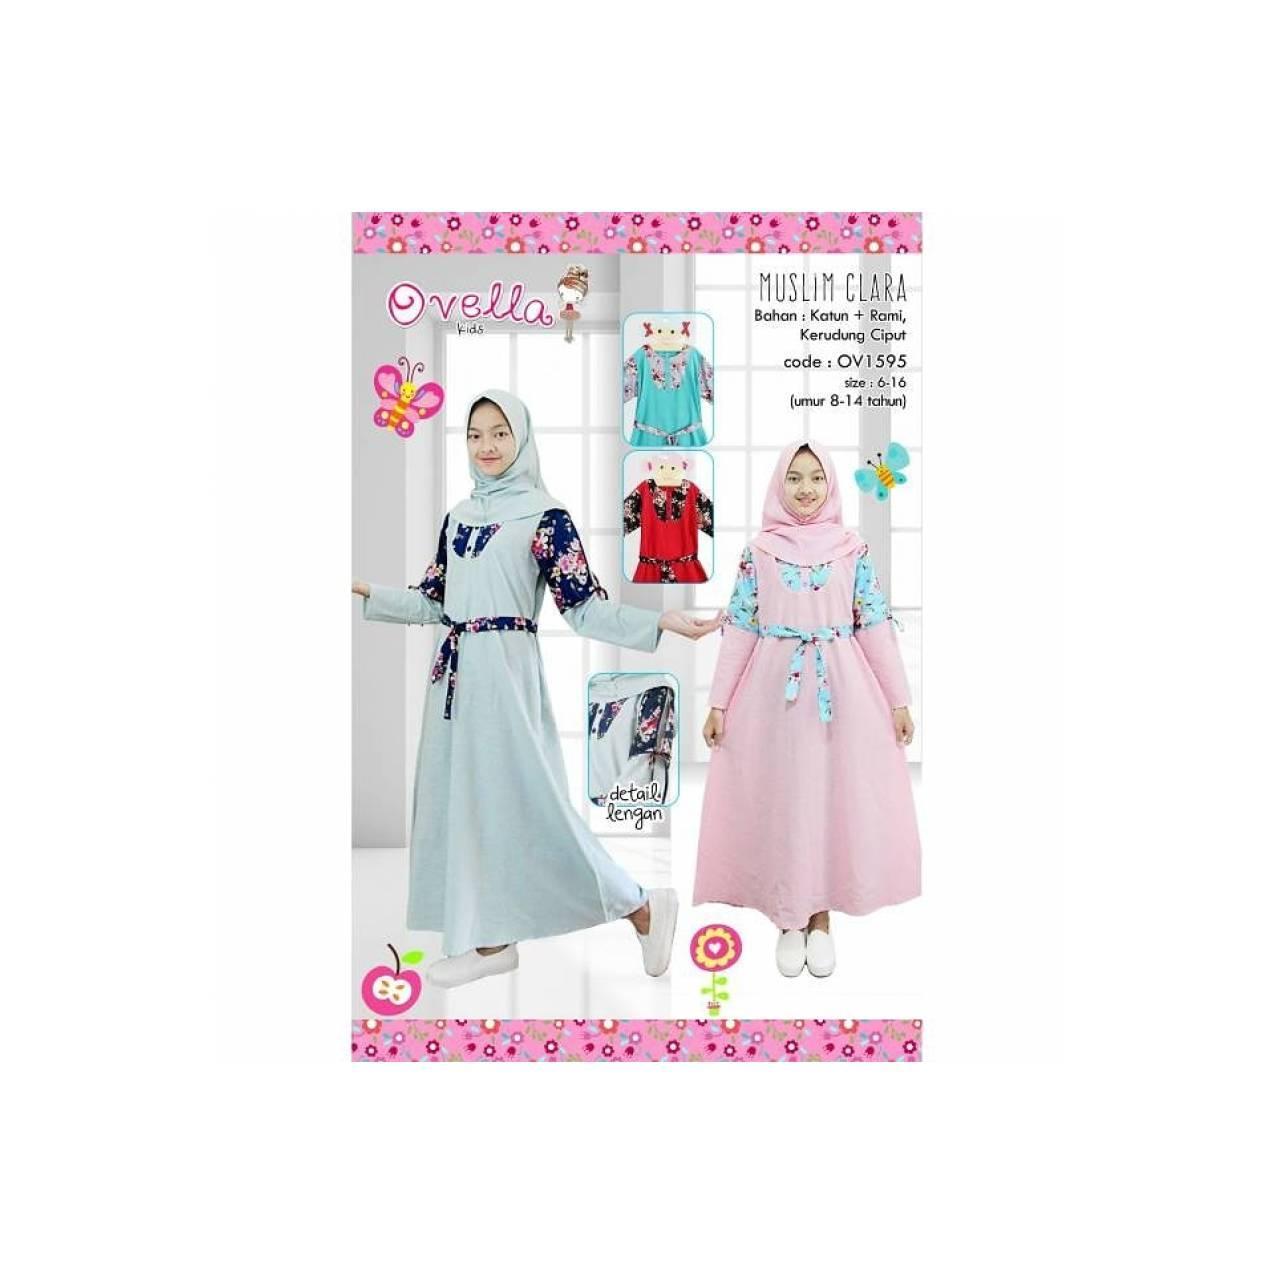 Gamis anak tanggung ABG remaja fashion brandet muslim